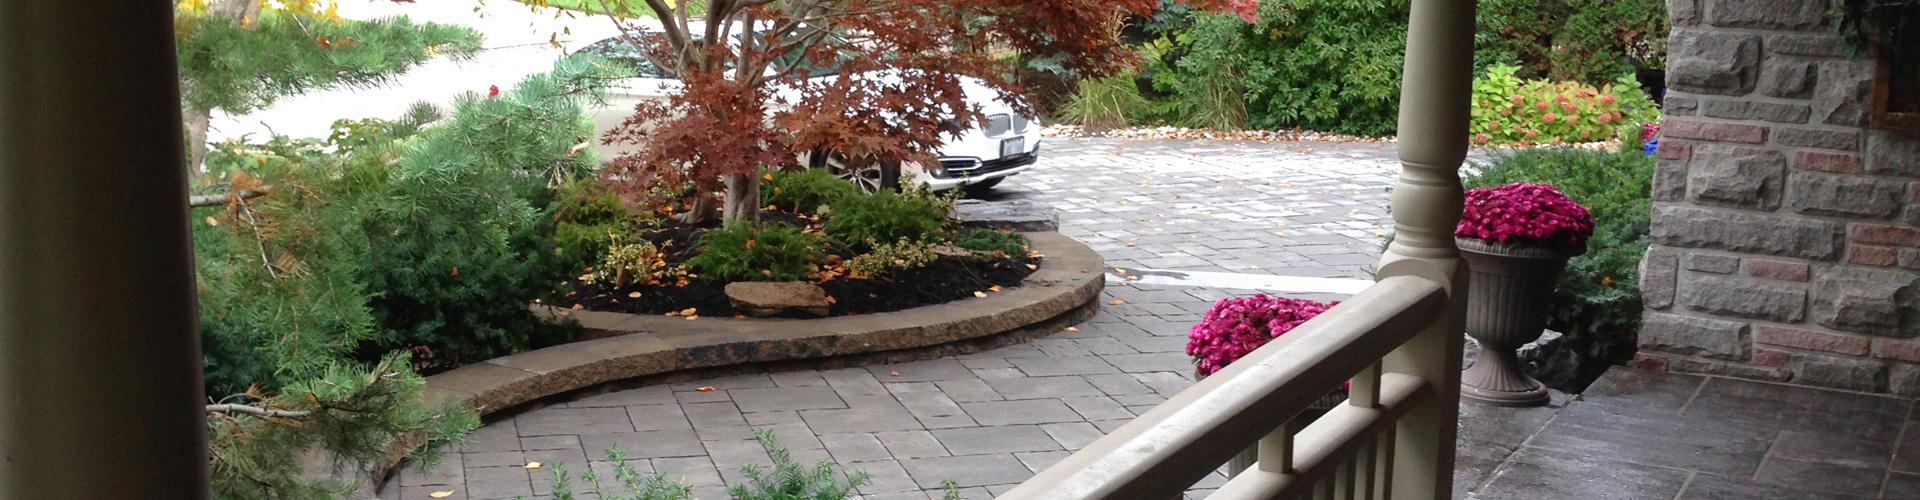 front-entrance-landscaping